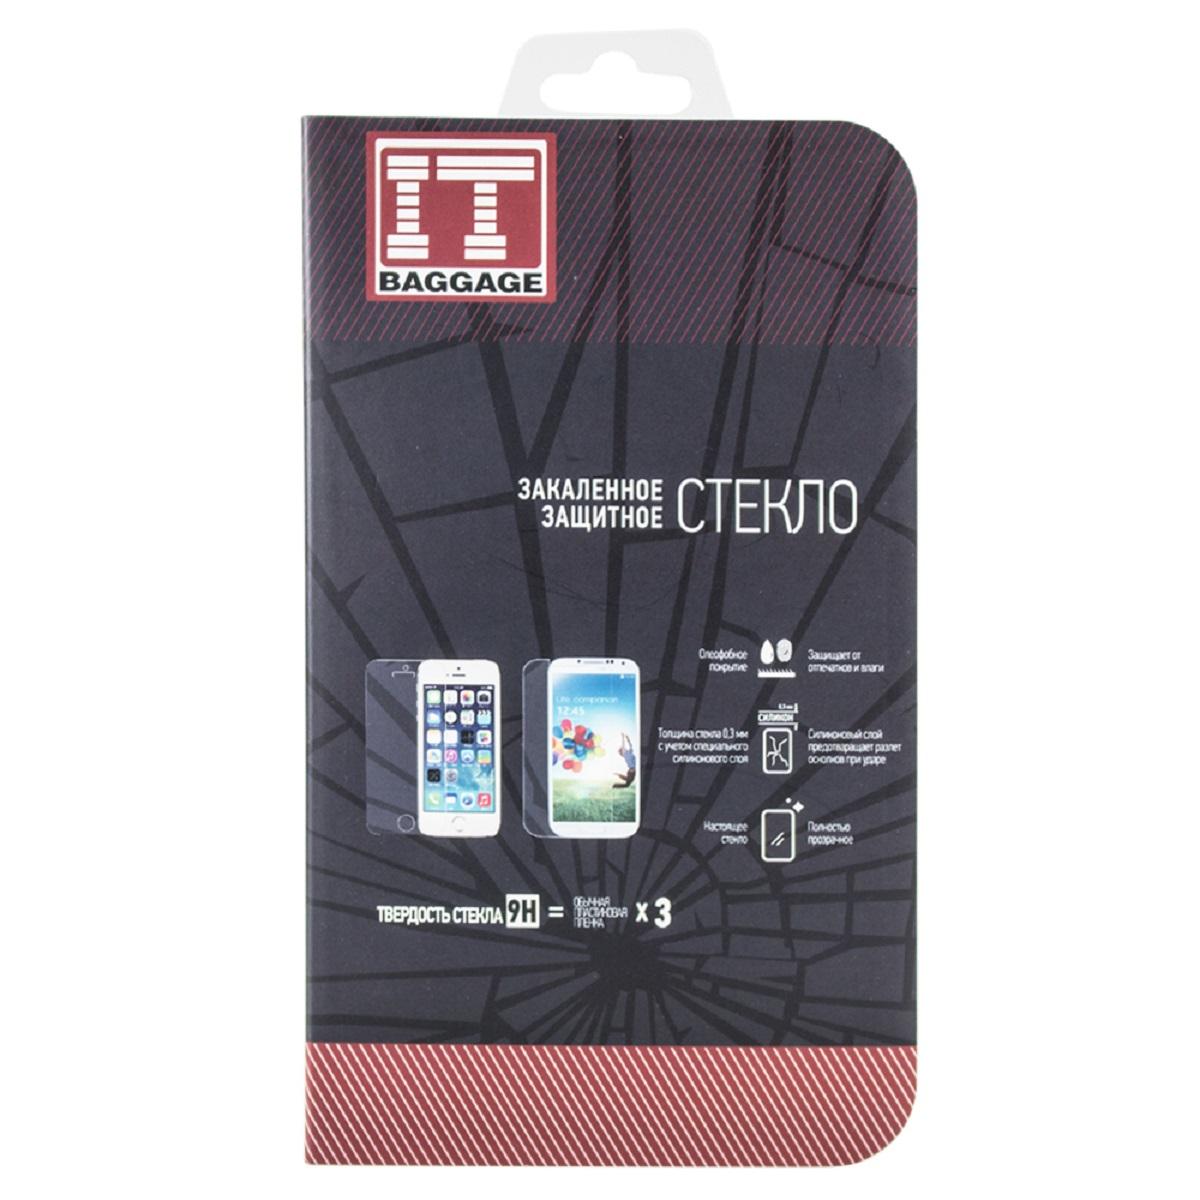 IT Baggage защитное стекло для Huawei Y5CITHWY5CGЗакаленное стекло IT Baggage для Huawei Y5C - это самый верный способ защитить экранот повреждений и загрязнений. Обладает высочайшим уровнем прозрачности и совершенно не влияет на откликэкранного сенсора и качество изображения. Препятствует появлению отпечатков и пятен. Удалить следы жира икосметики с поверхности аксессуара не составить ни какого труда.Характеристики защитного стекла делают его износостойким к таким механическим повреждениям, как царапины,сколы, потертости. При сильном ударе разбившееся стекло не разлетается на осколки, предохраняя вас отпорезов, а экран устройства от повреждений.После снятия защитного стекла с поверхности дисплея, на нем не остаются повреждения, такие как потертости ицарапины.